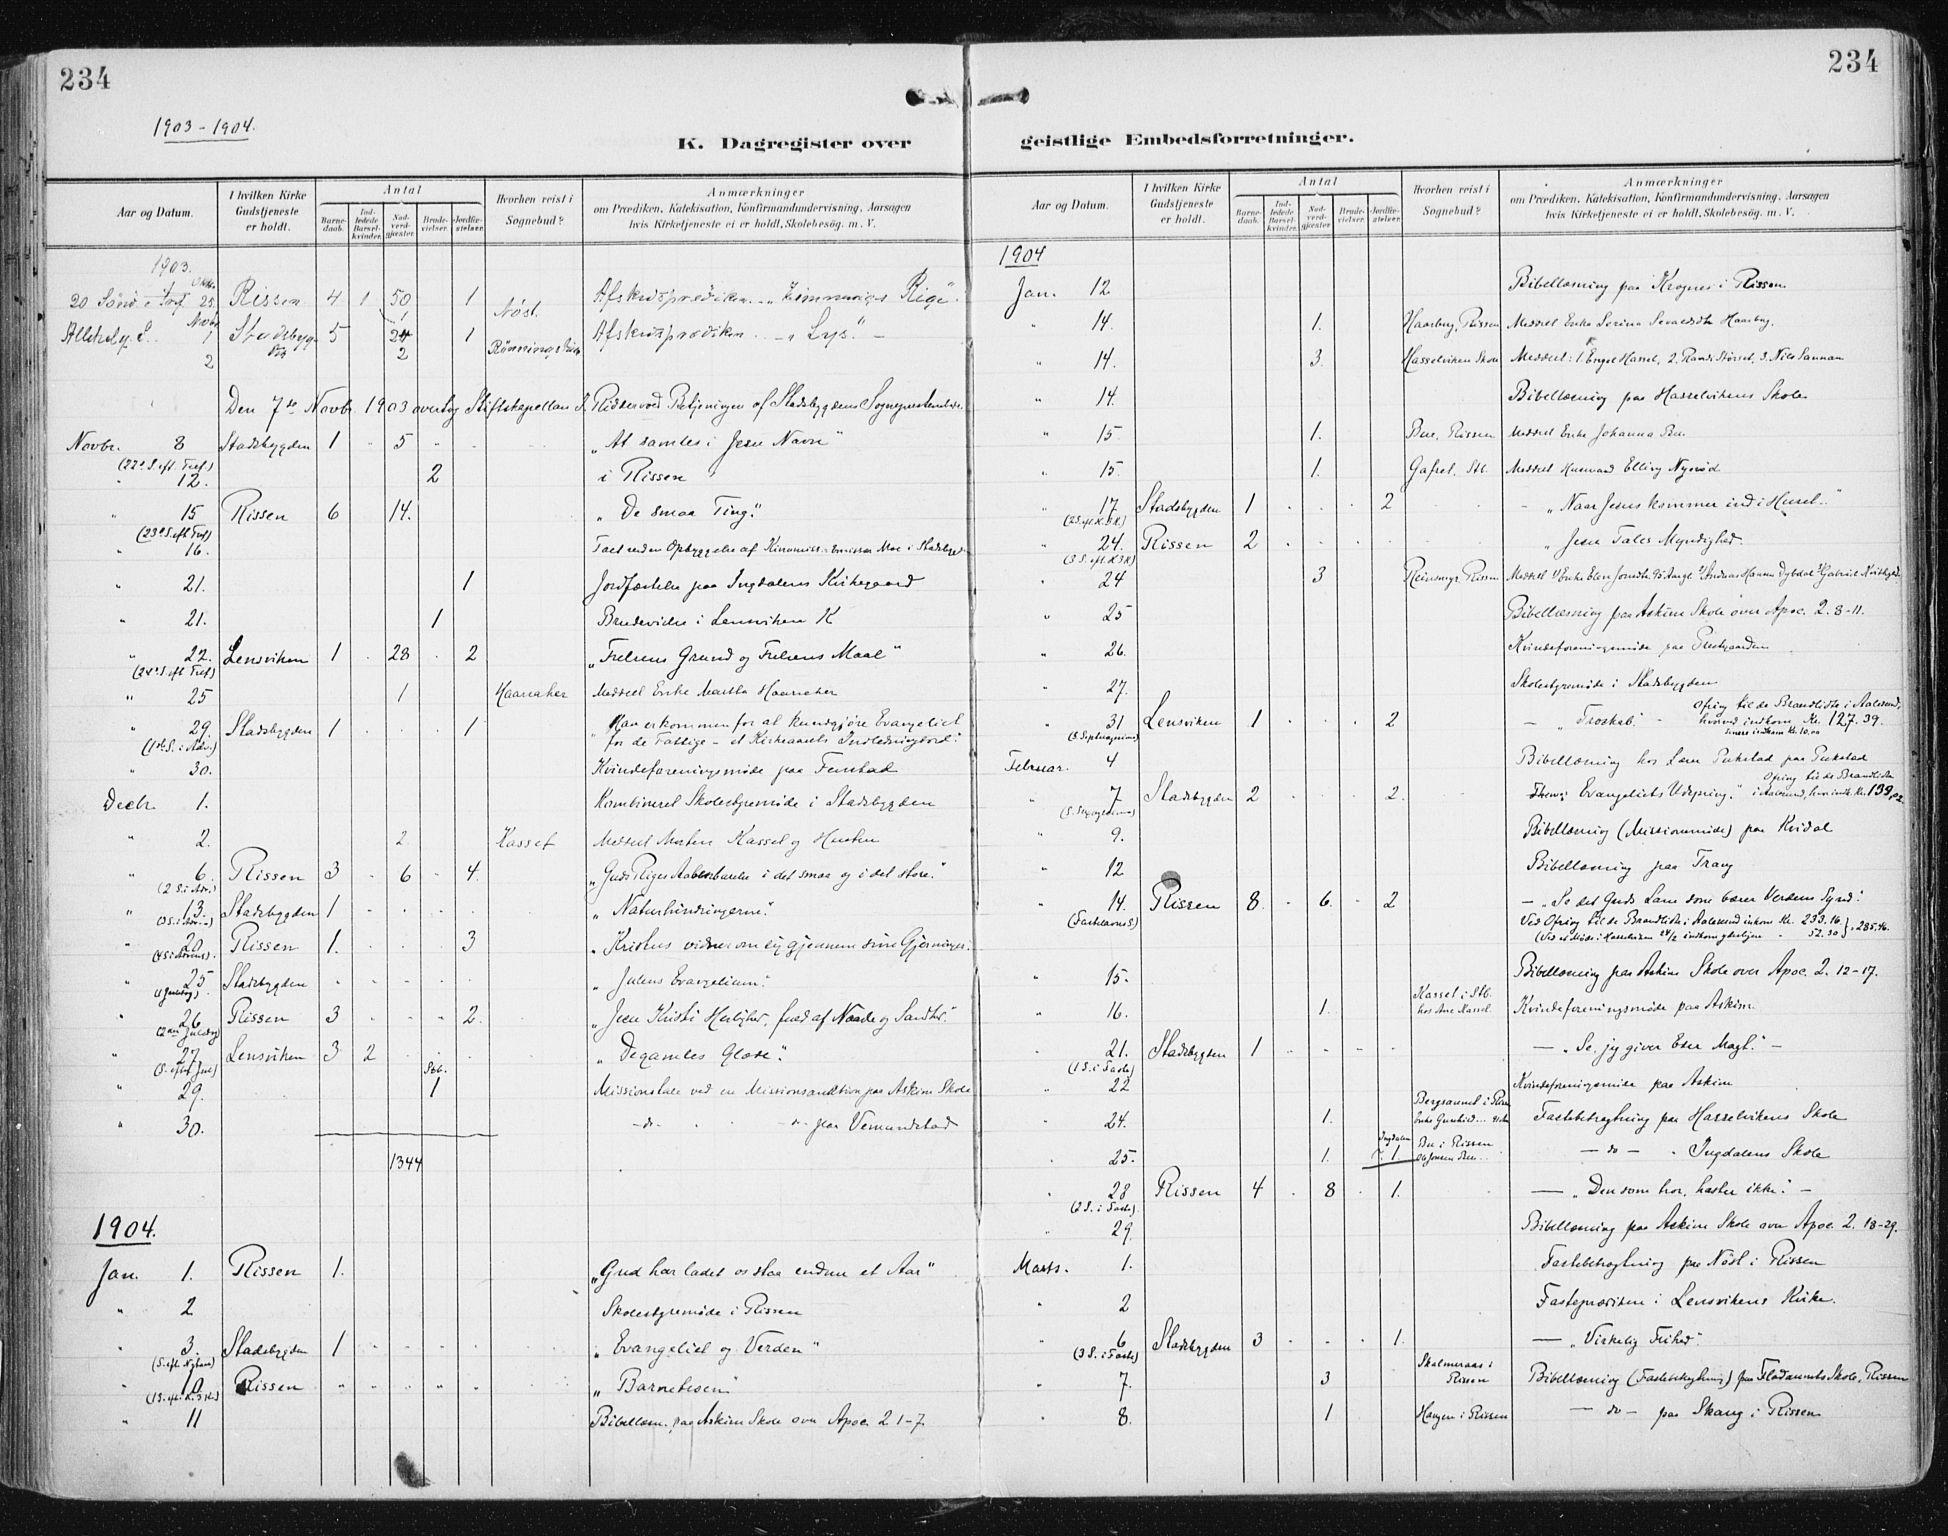 SAT, Ministerialprotokoller, klokkerbøker og fødselsregistre - Sør-Trøndelag, 646/L0616: Ministerialbok nr. 646A14, 1900-1918, s. 234